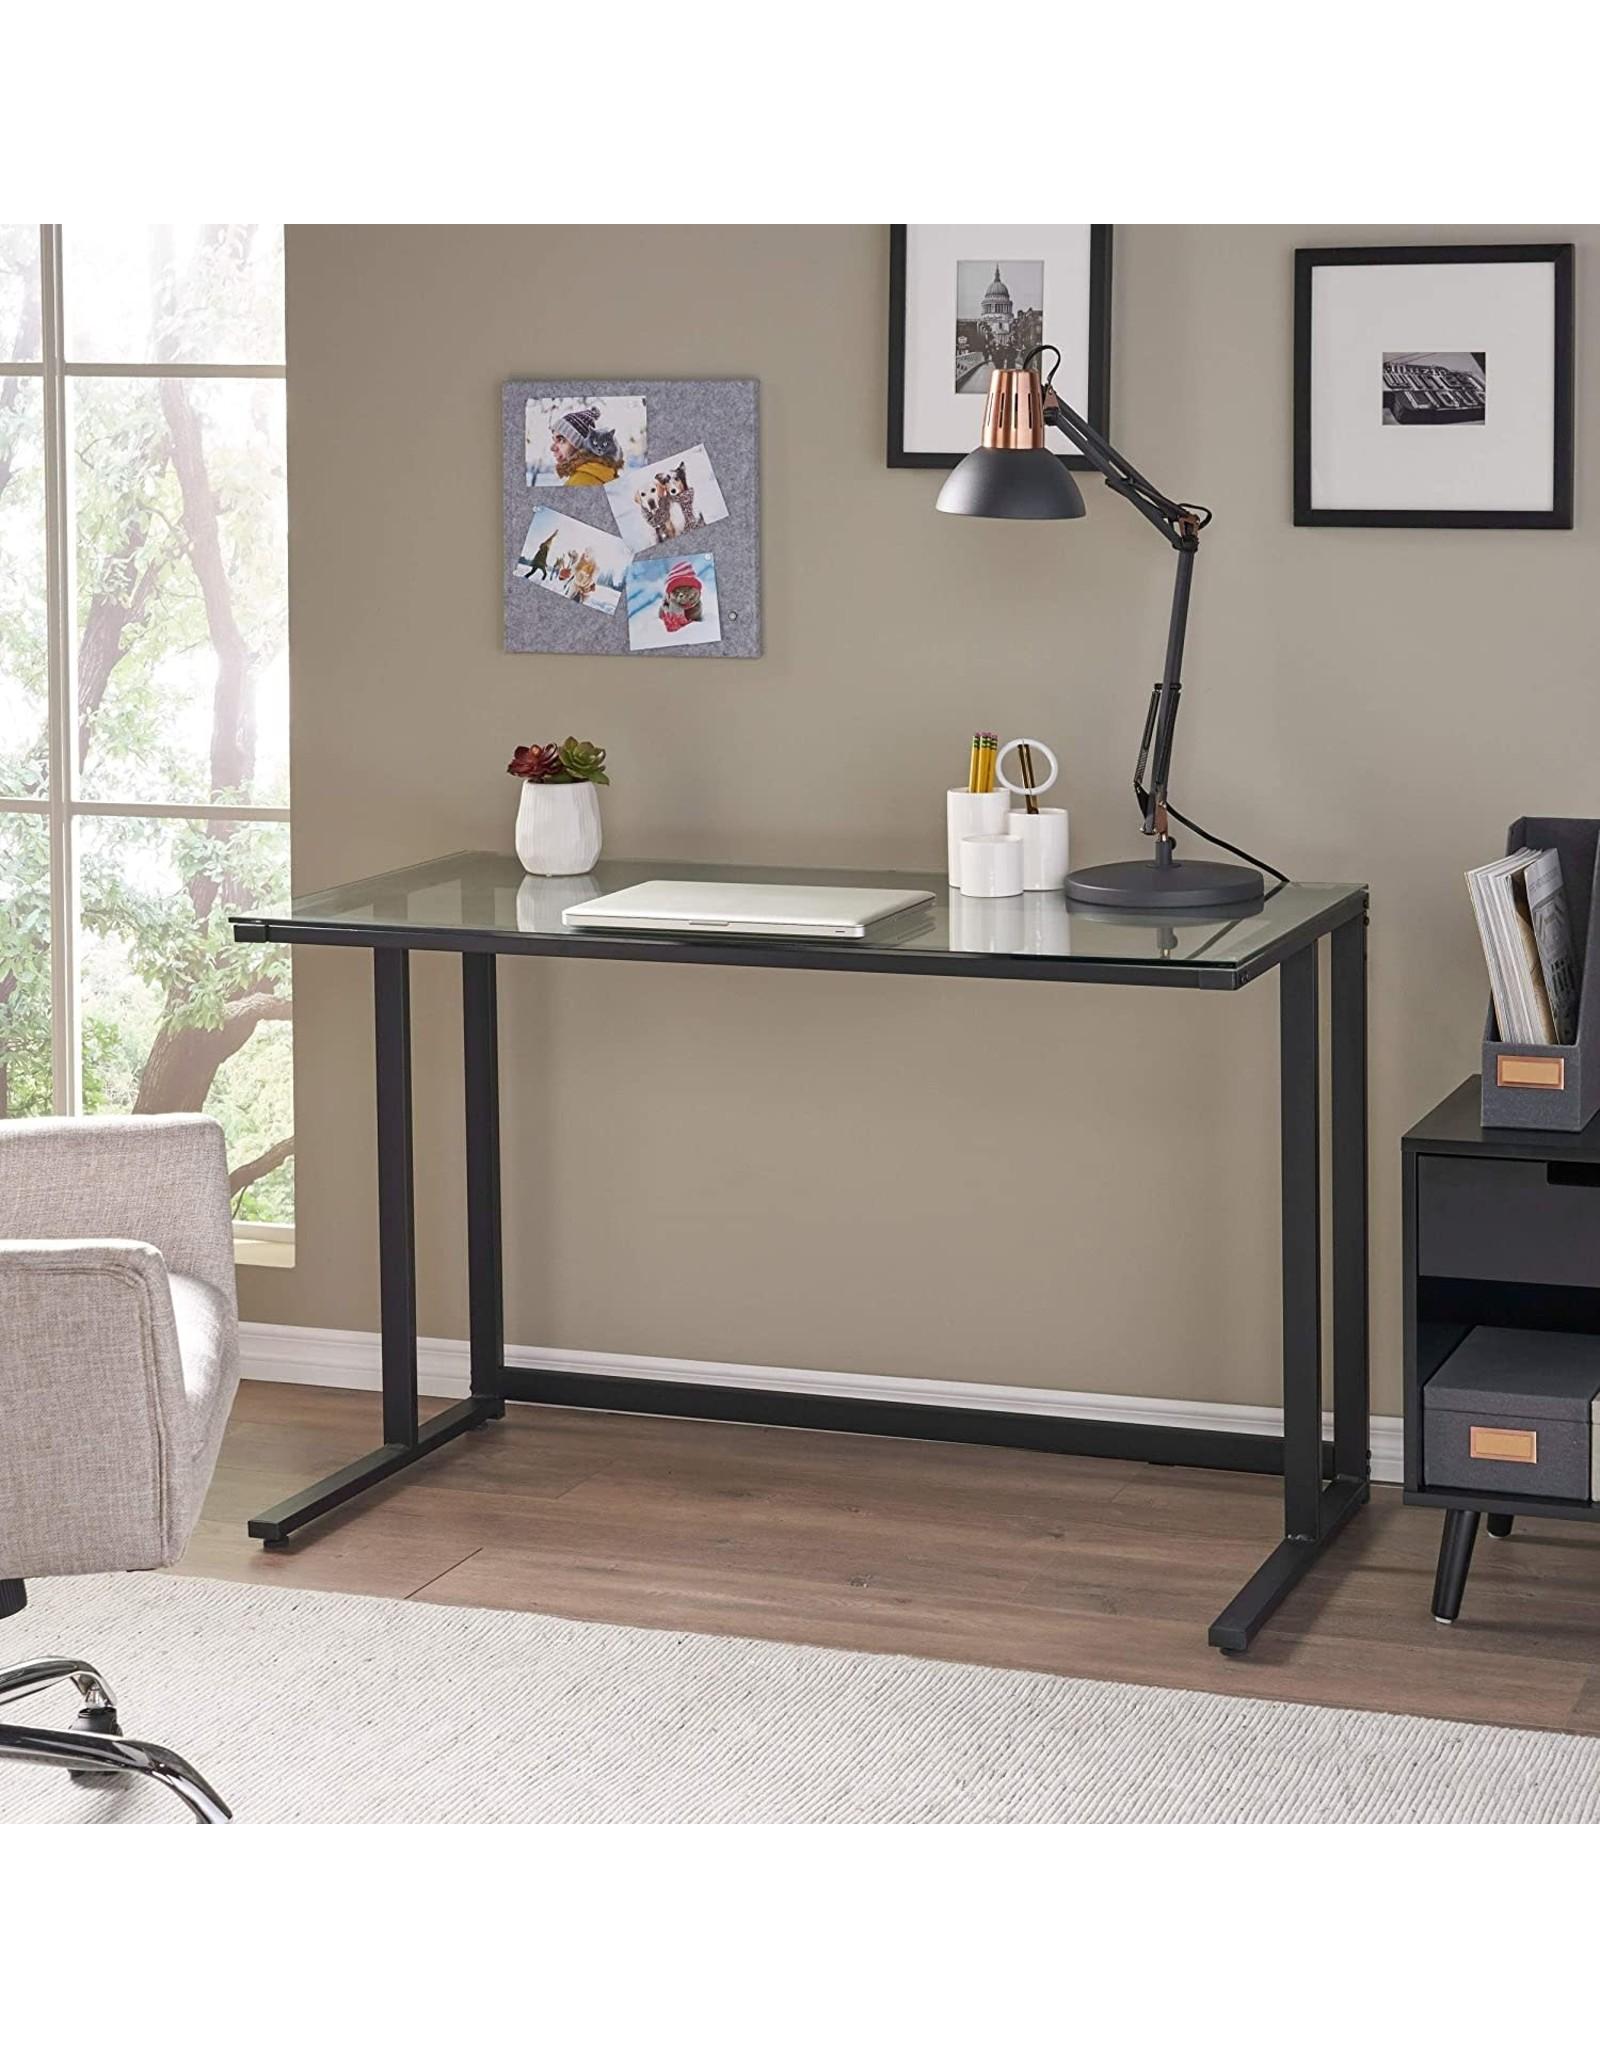 Christopher Knight Home Christopher Knight Home Eghan Tempered Glass Computer Desk, Black